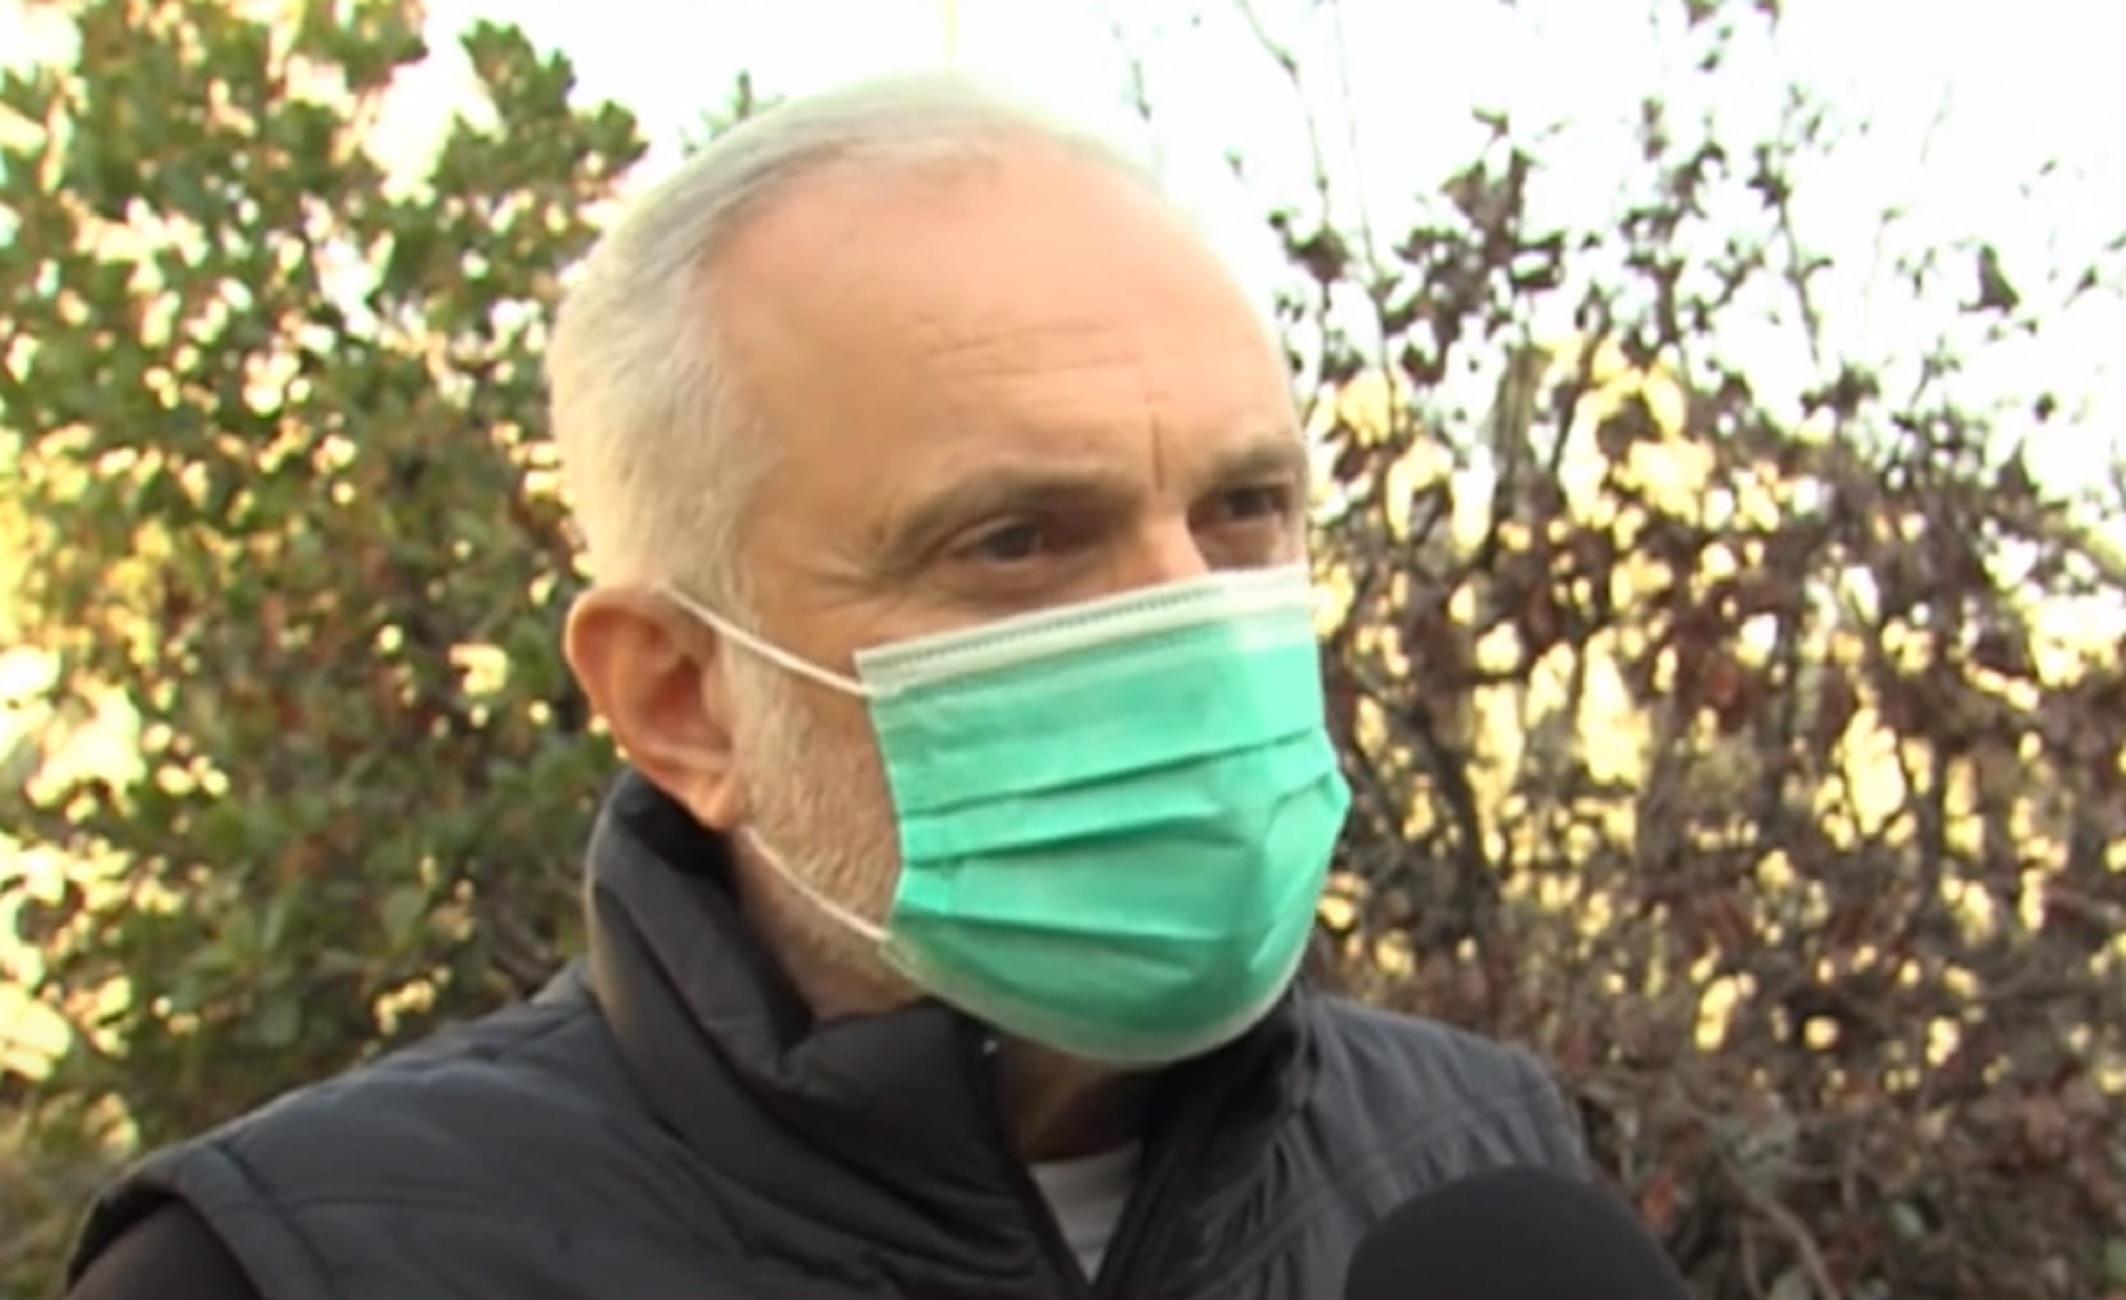 Θεσσαλονίκη: Γυναίκες δηλητήριο μπορεί να άργησαν αλλά έδειξαν το πραγματικό τους πρόσωπο (video)